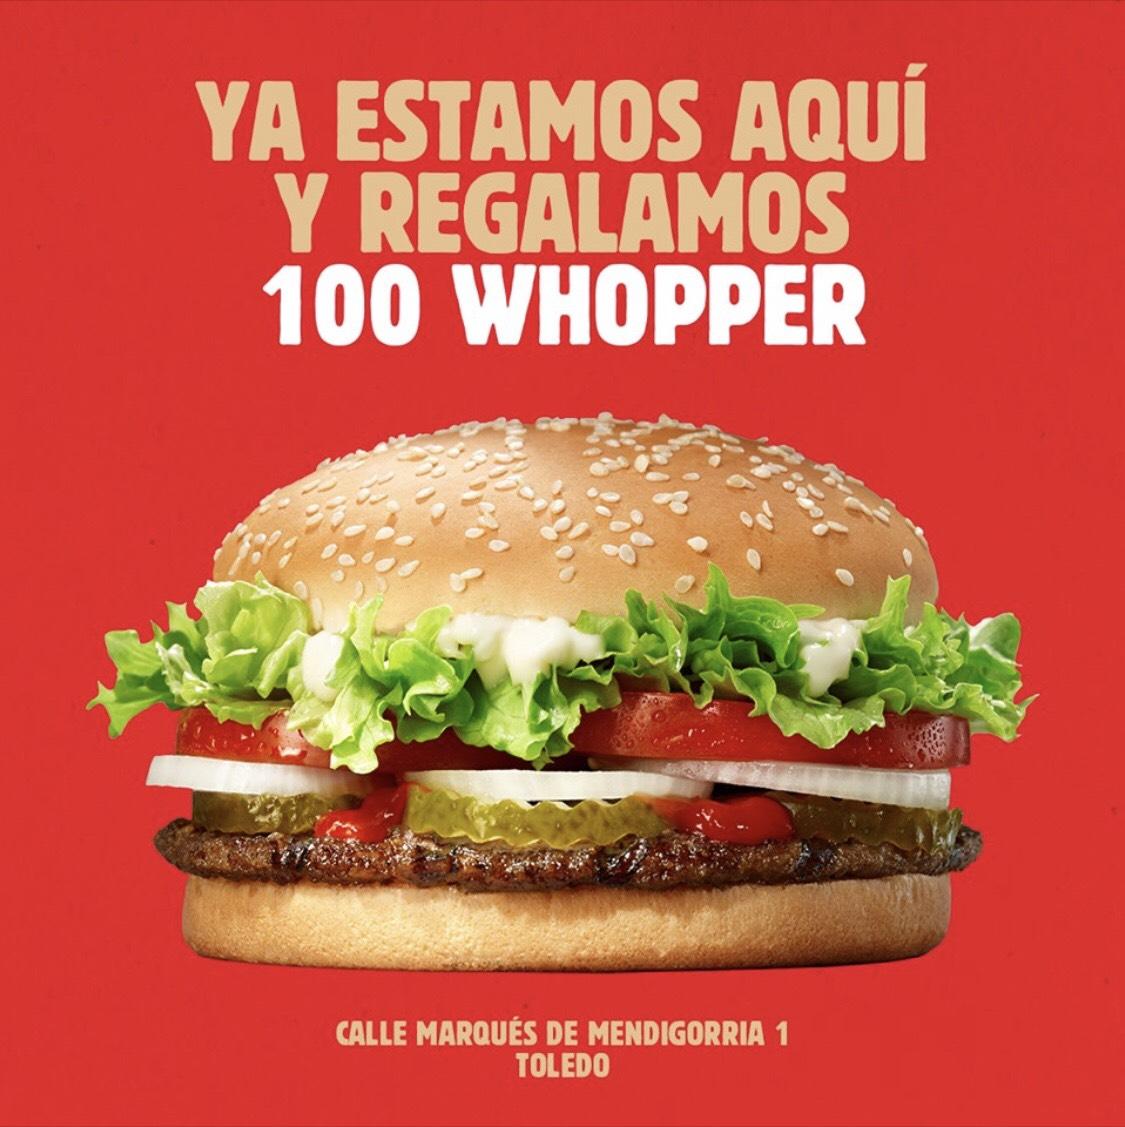 Whopper GRATIS en Toledo (Burger King)